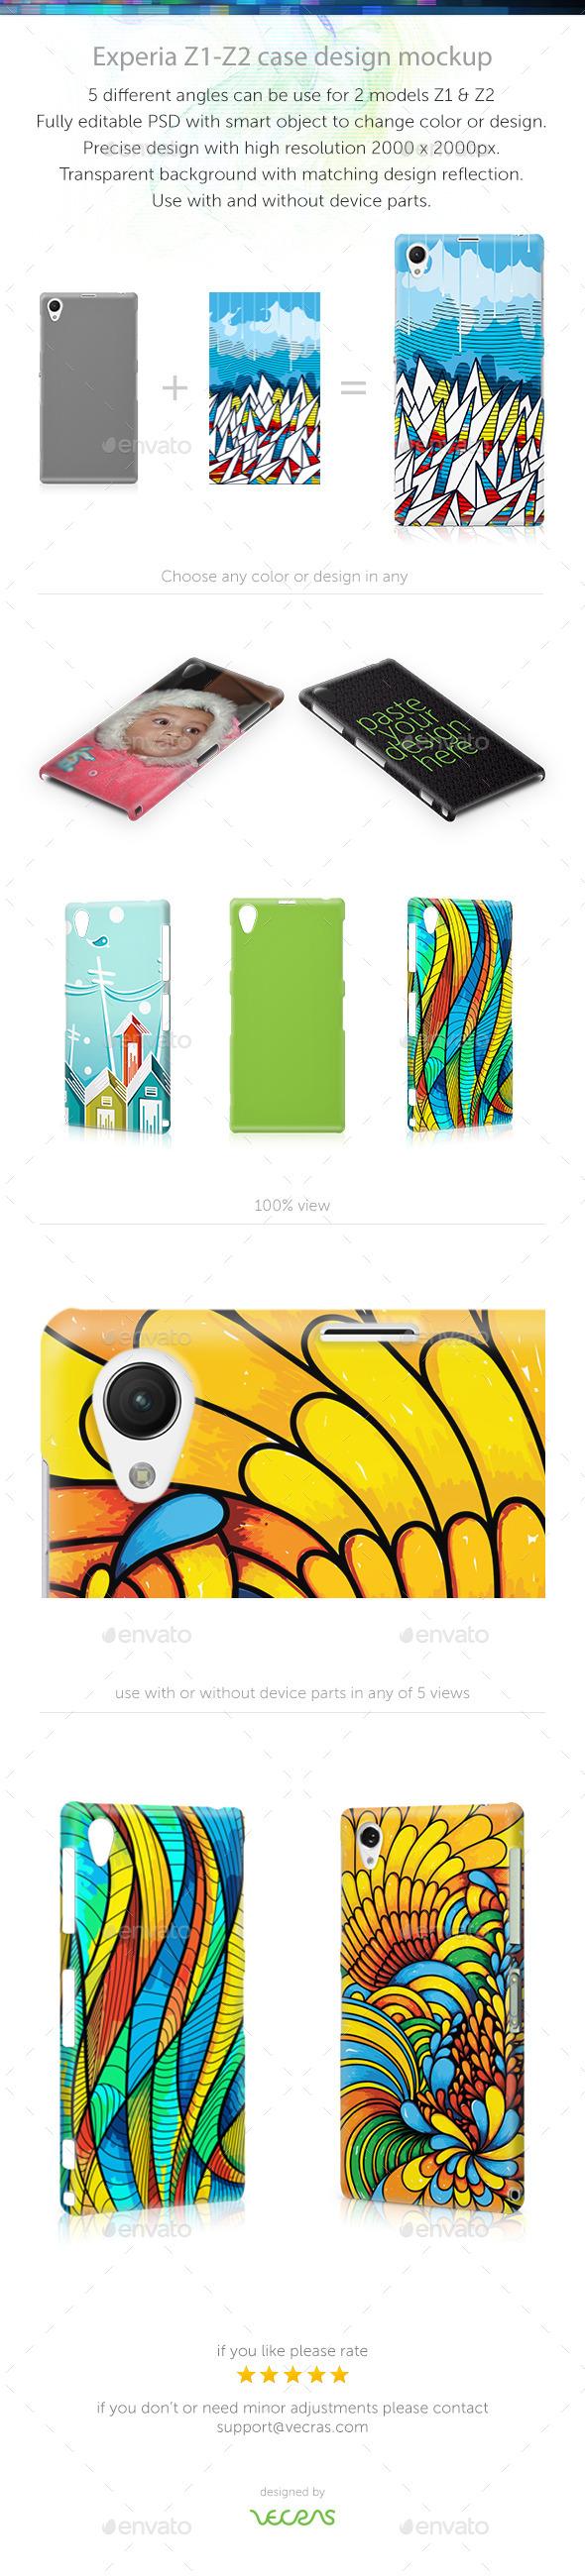 Experia z1-z2 Case Design Mockup - Mobile Displays